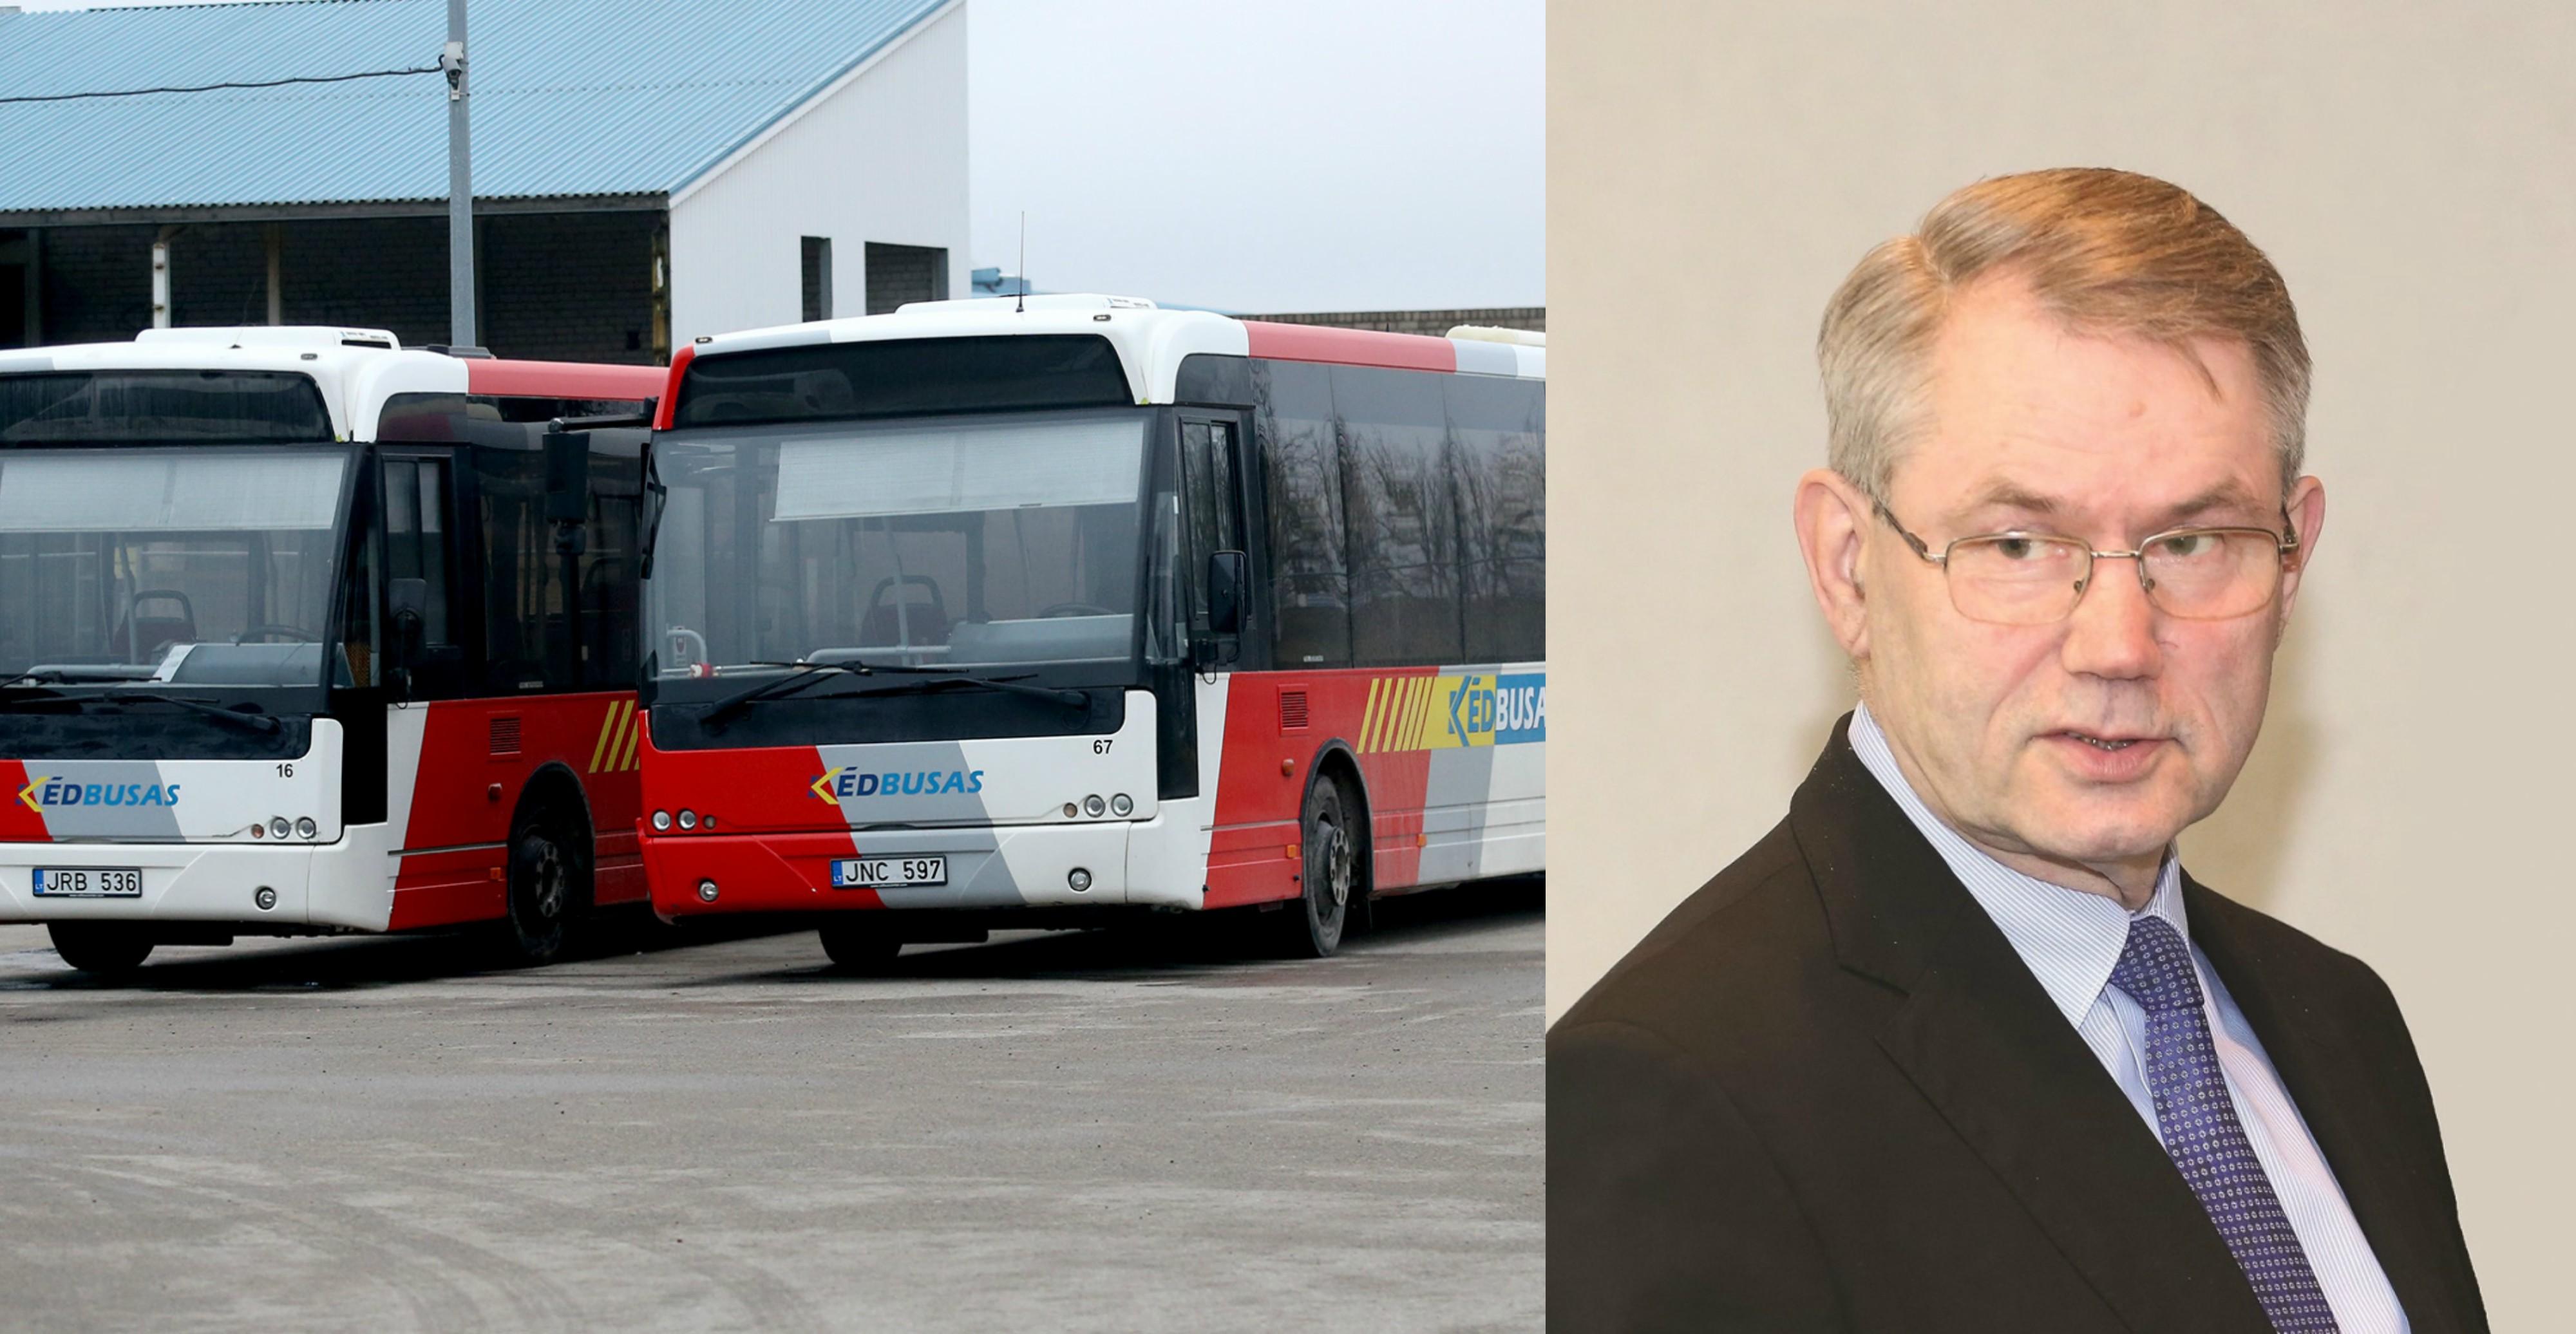 """Buvęs ilgametis rajono meras Viktoras Muntianas įsitikinęs: """"Kėdbusas"""" gali pragyventi iš biudžeto kasmet jam skiriant 193 tūkst. eurų. Politikas pabrėžė, jog nereikėtų tuomet pirkti senų autobusų, už juos mokant triskart brangiau."""